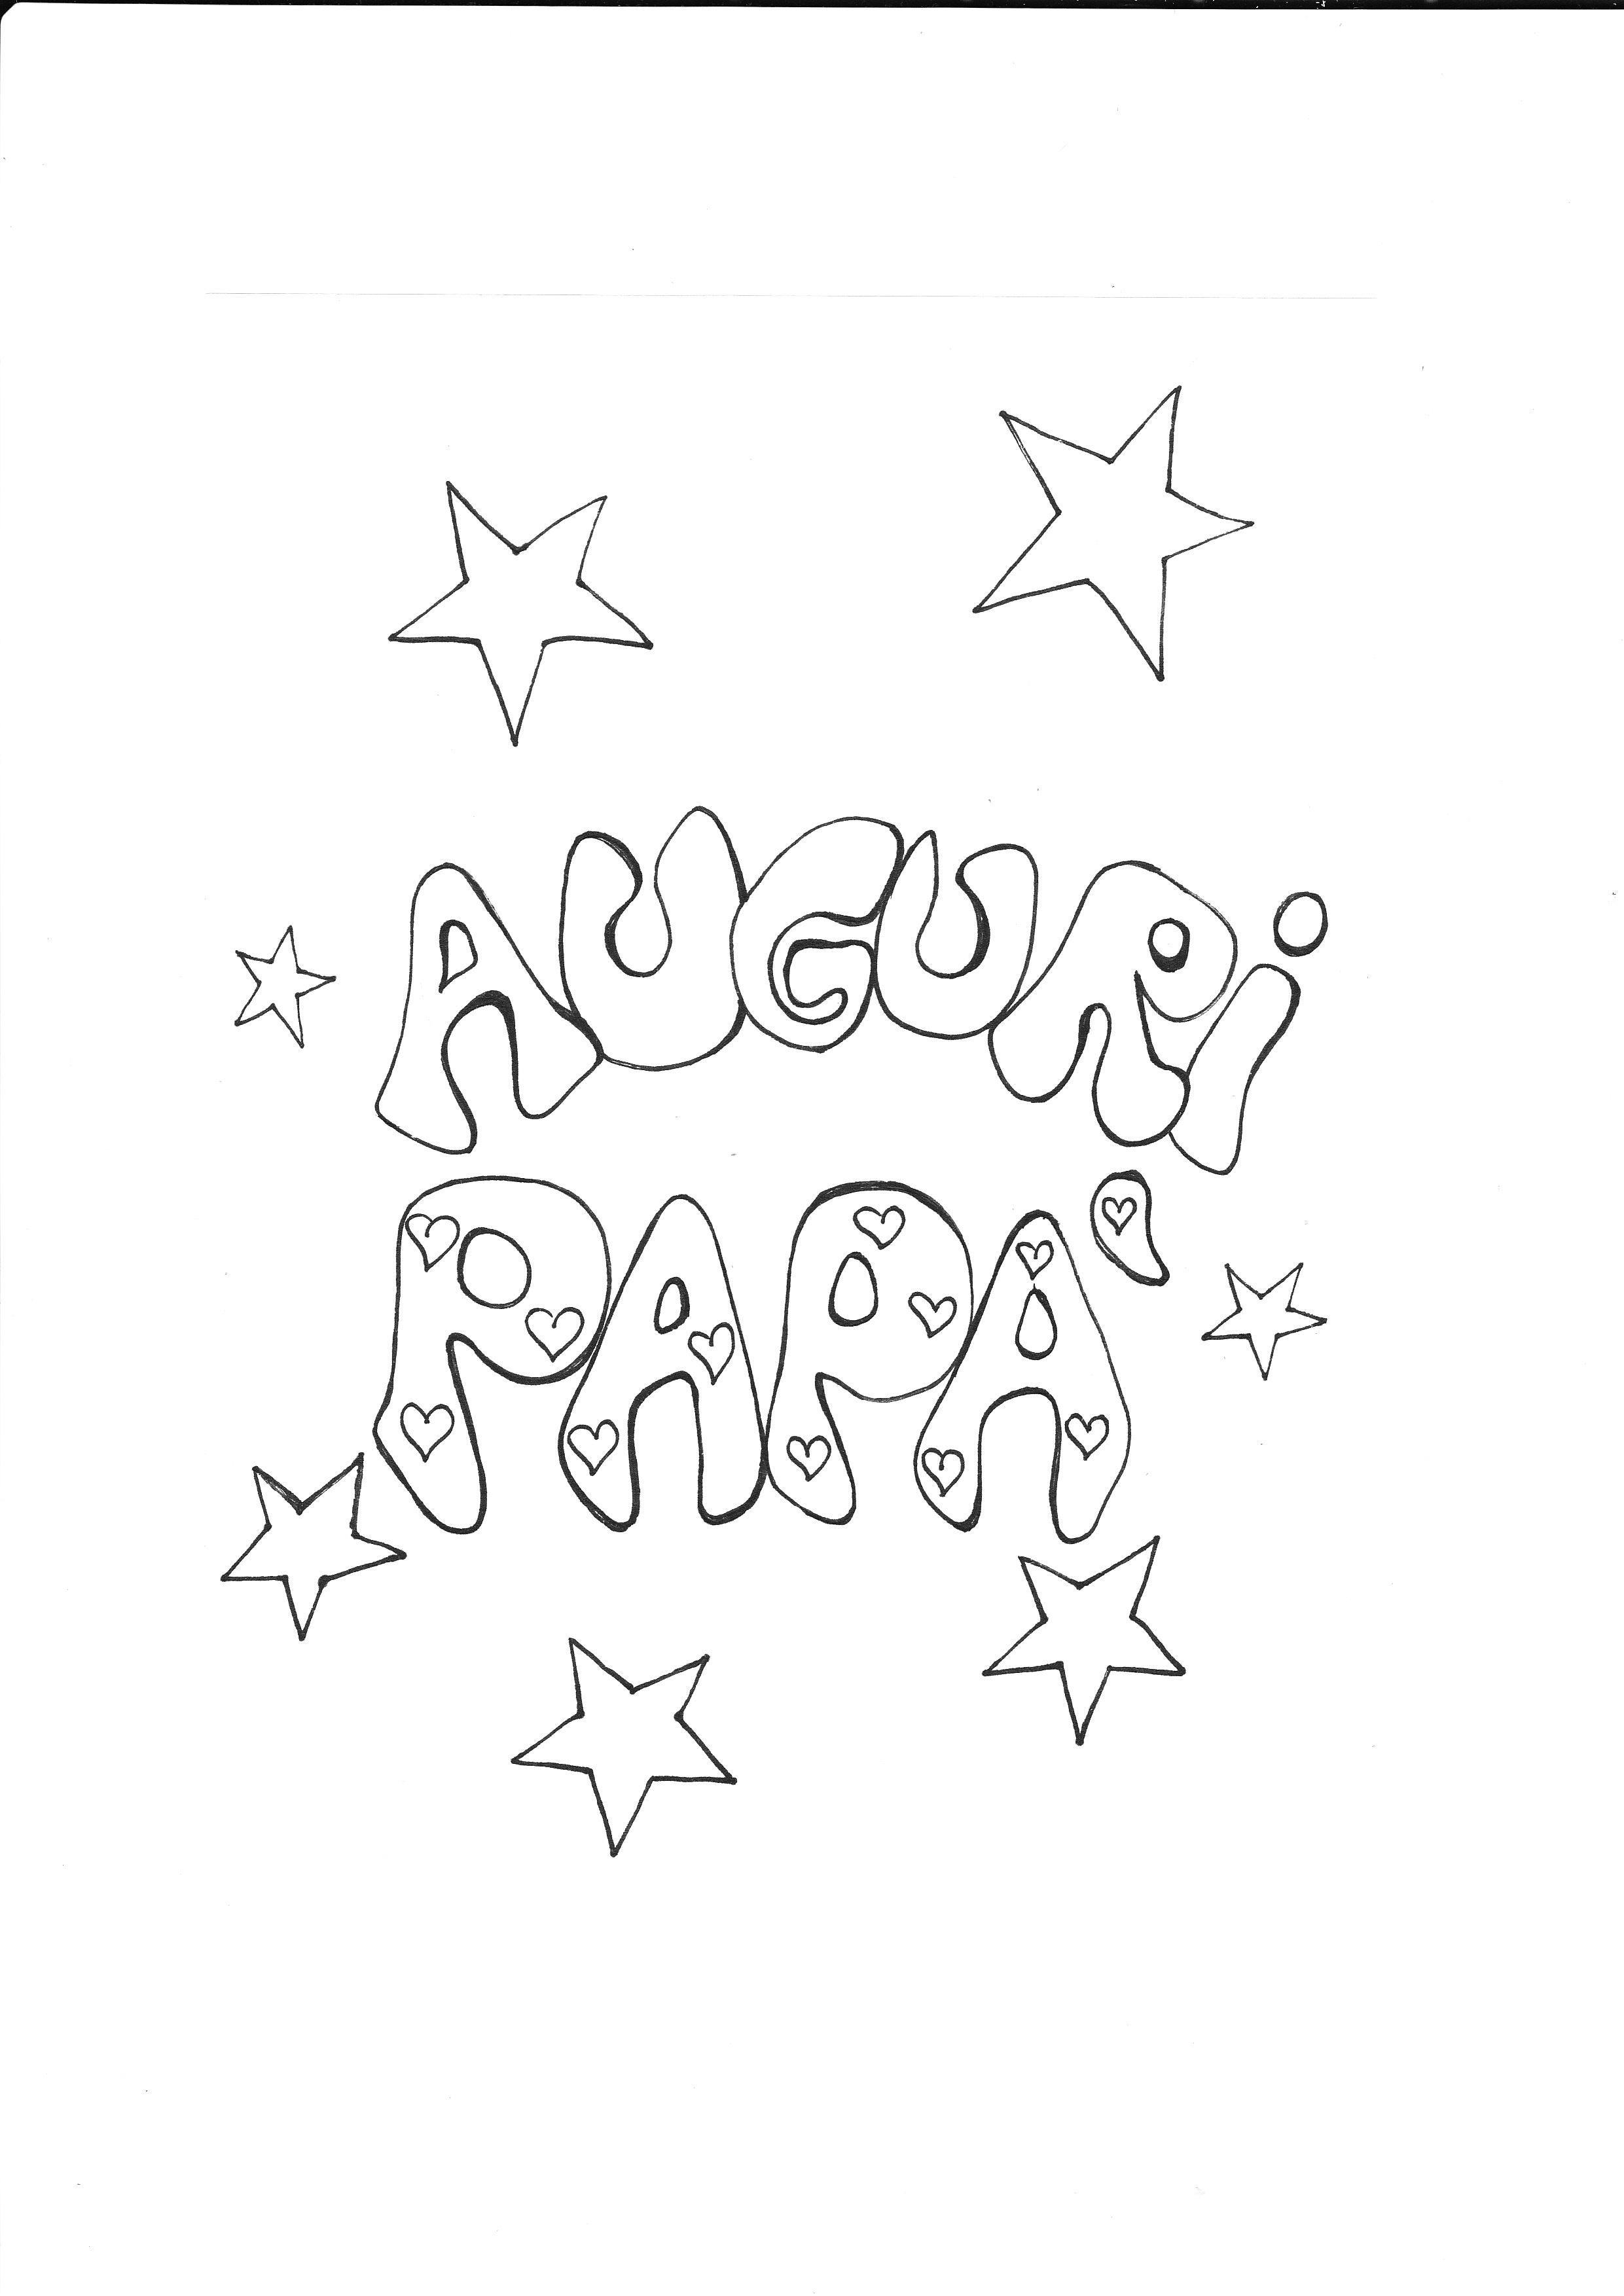 disegni da colorare per festa del papà gratis